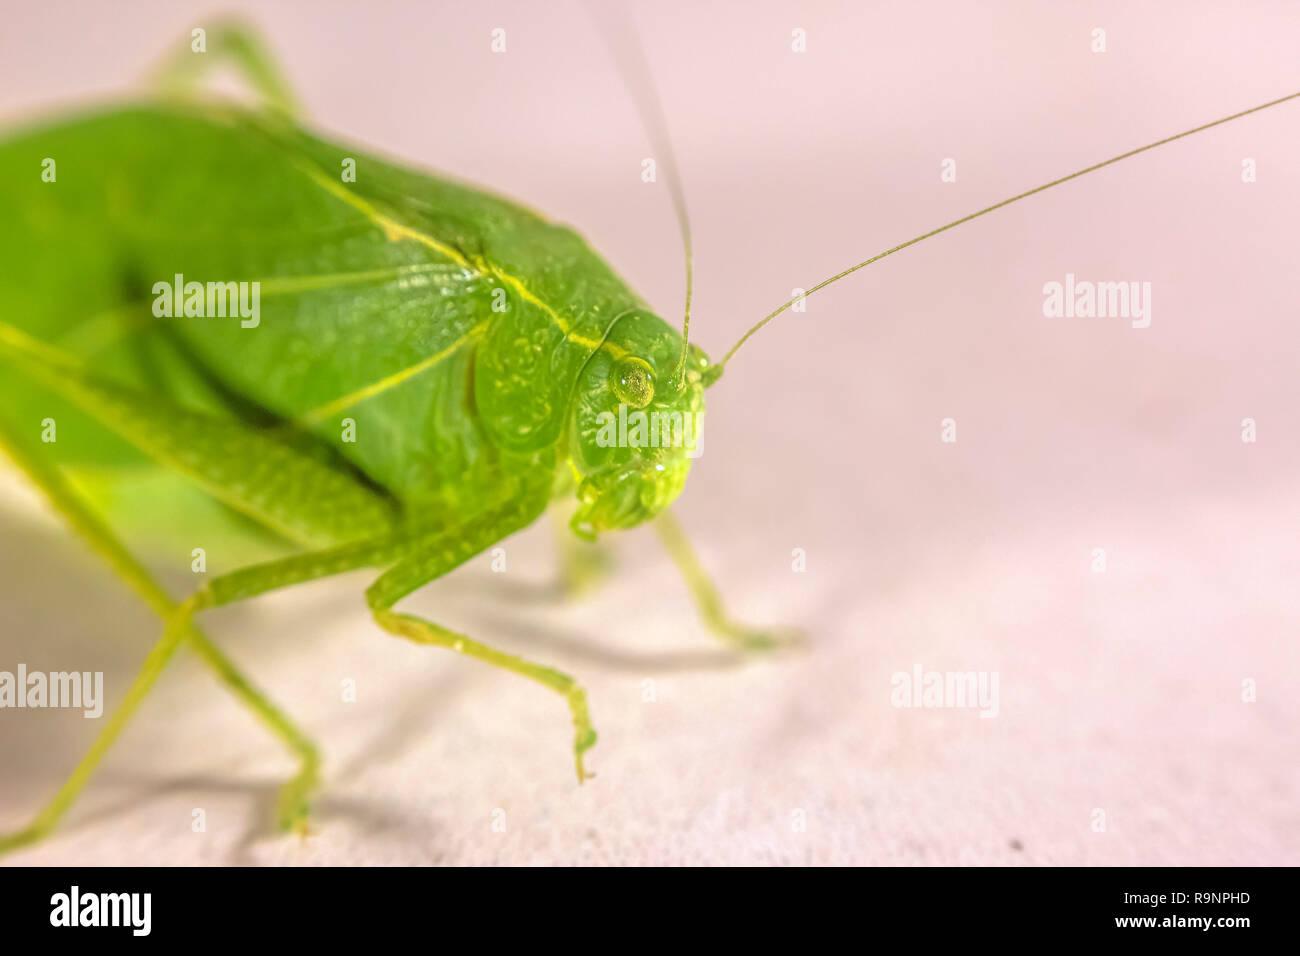 Nahaufnahme eines Tettigoniidae gegen weiße Oberfläche Stockbild